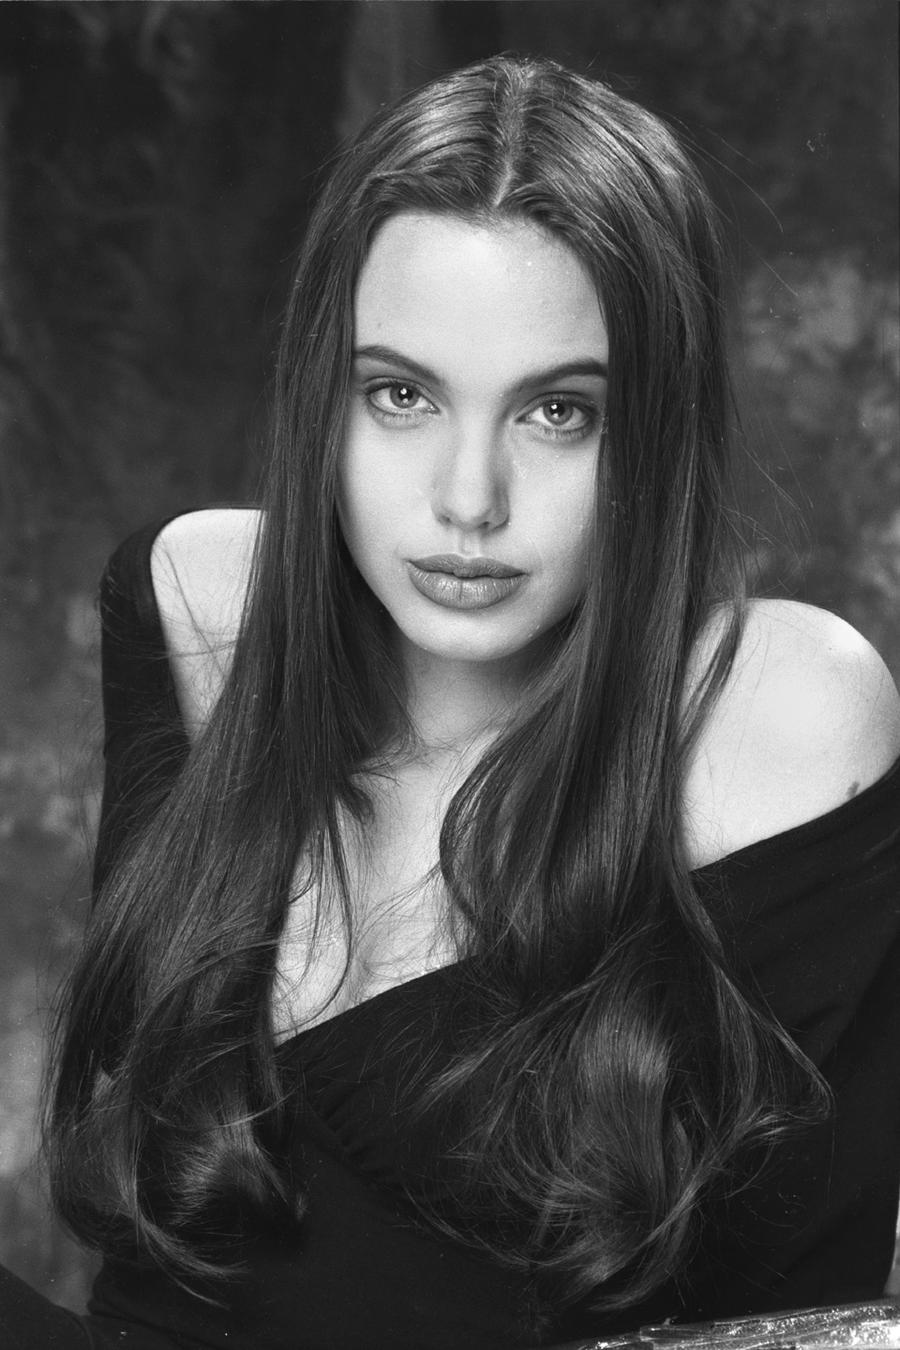 2. Вскоре Джоли заметили и она начала достаточно успешную актерскую карьеру. В 1999 Джоли получила п